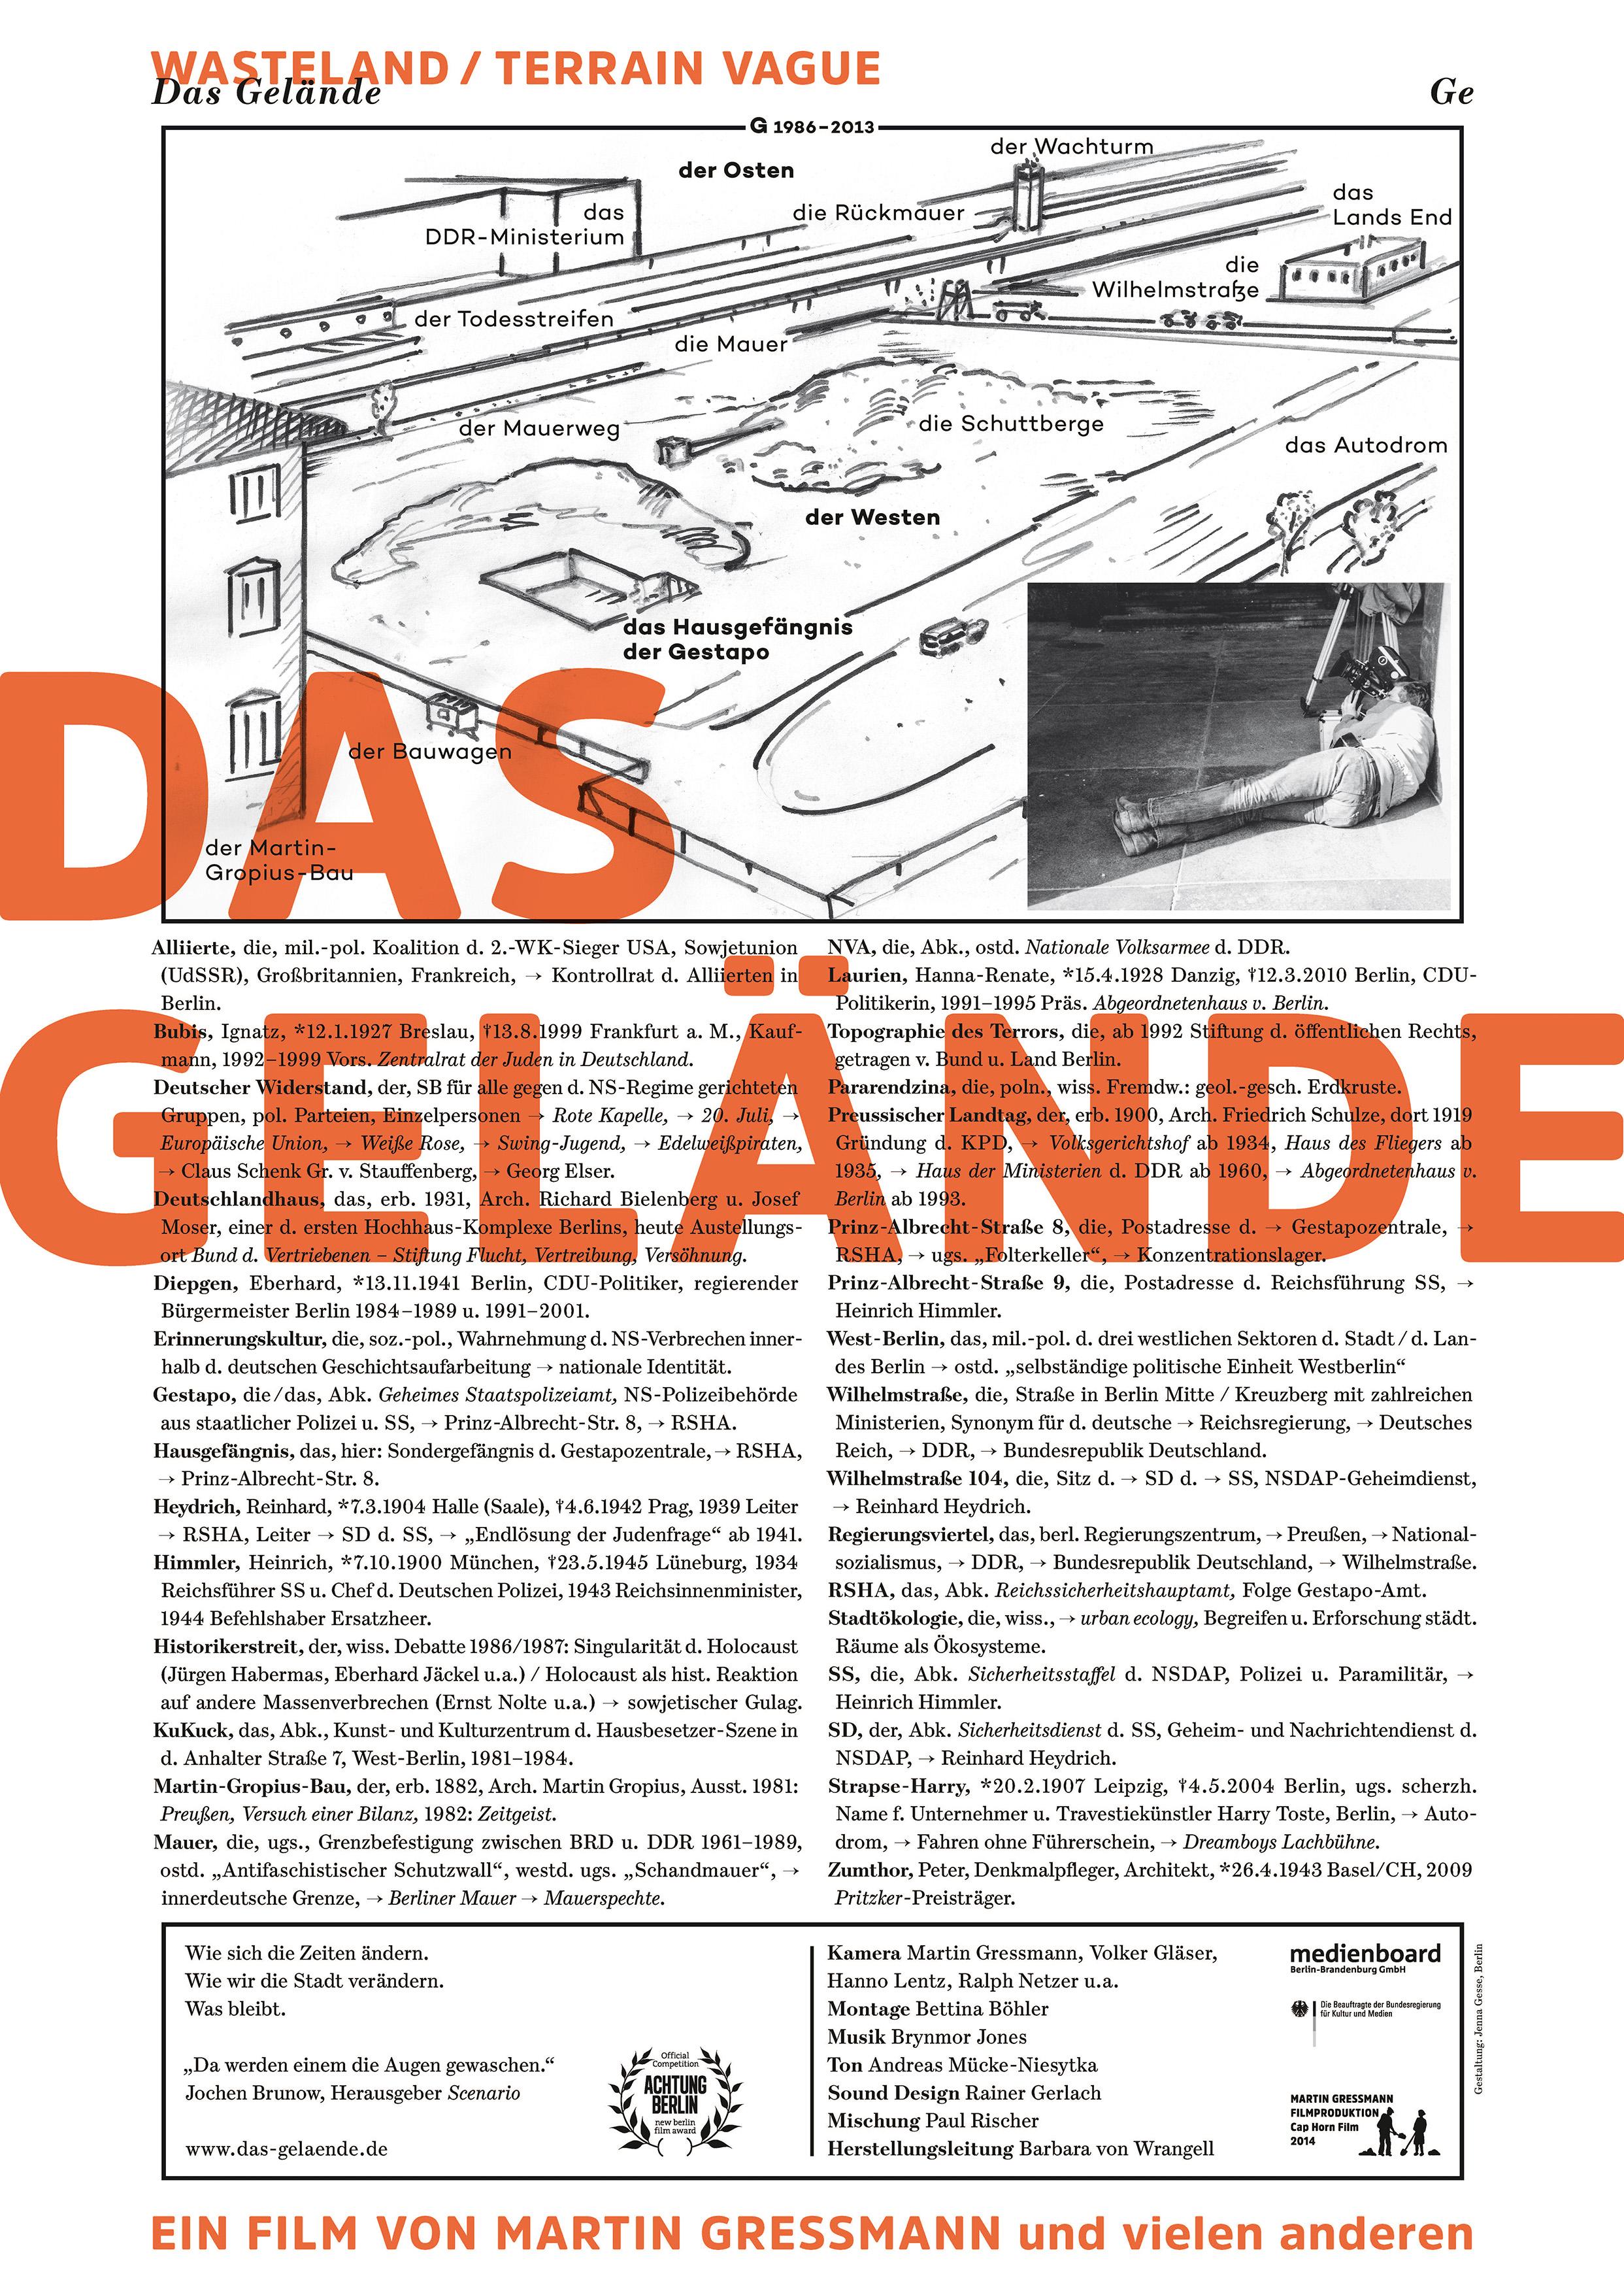 Großzügig Herausgeber Der Postervorlage Galerie - Entry Level Resume ...